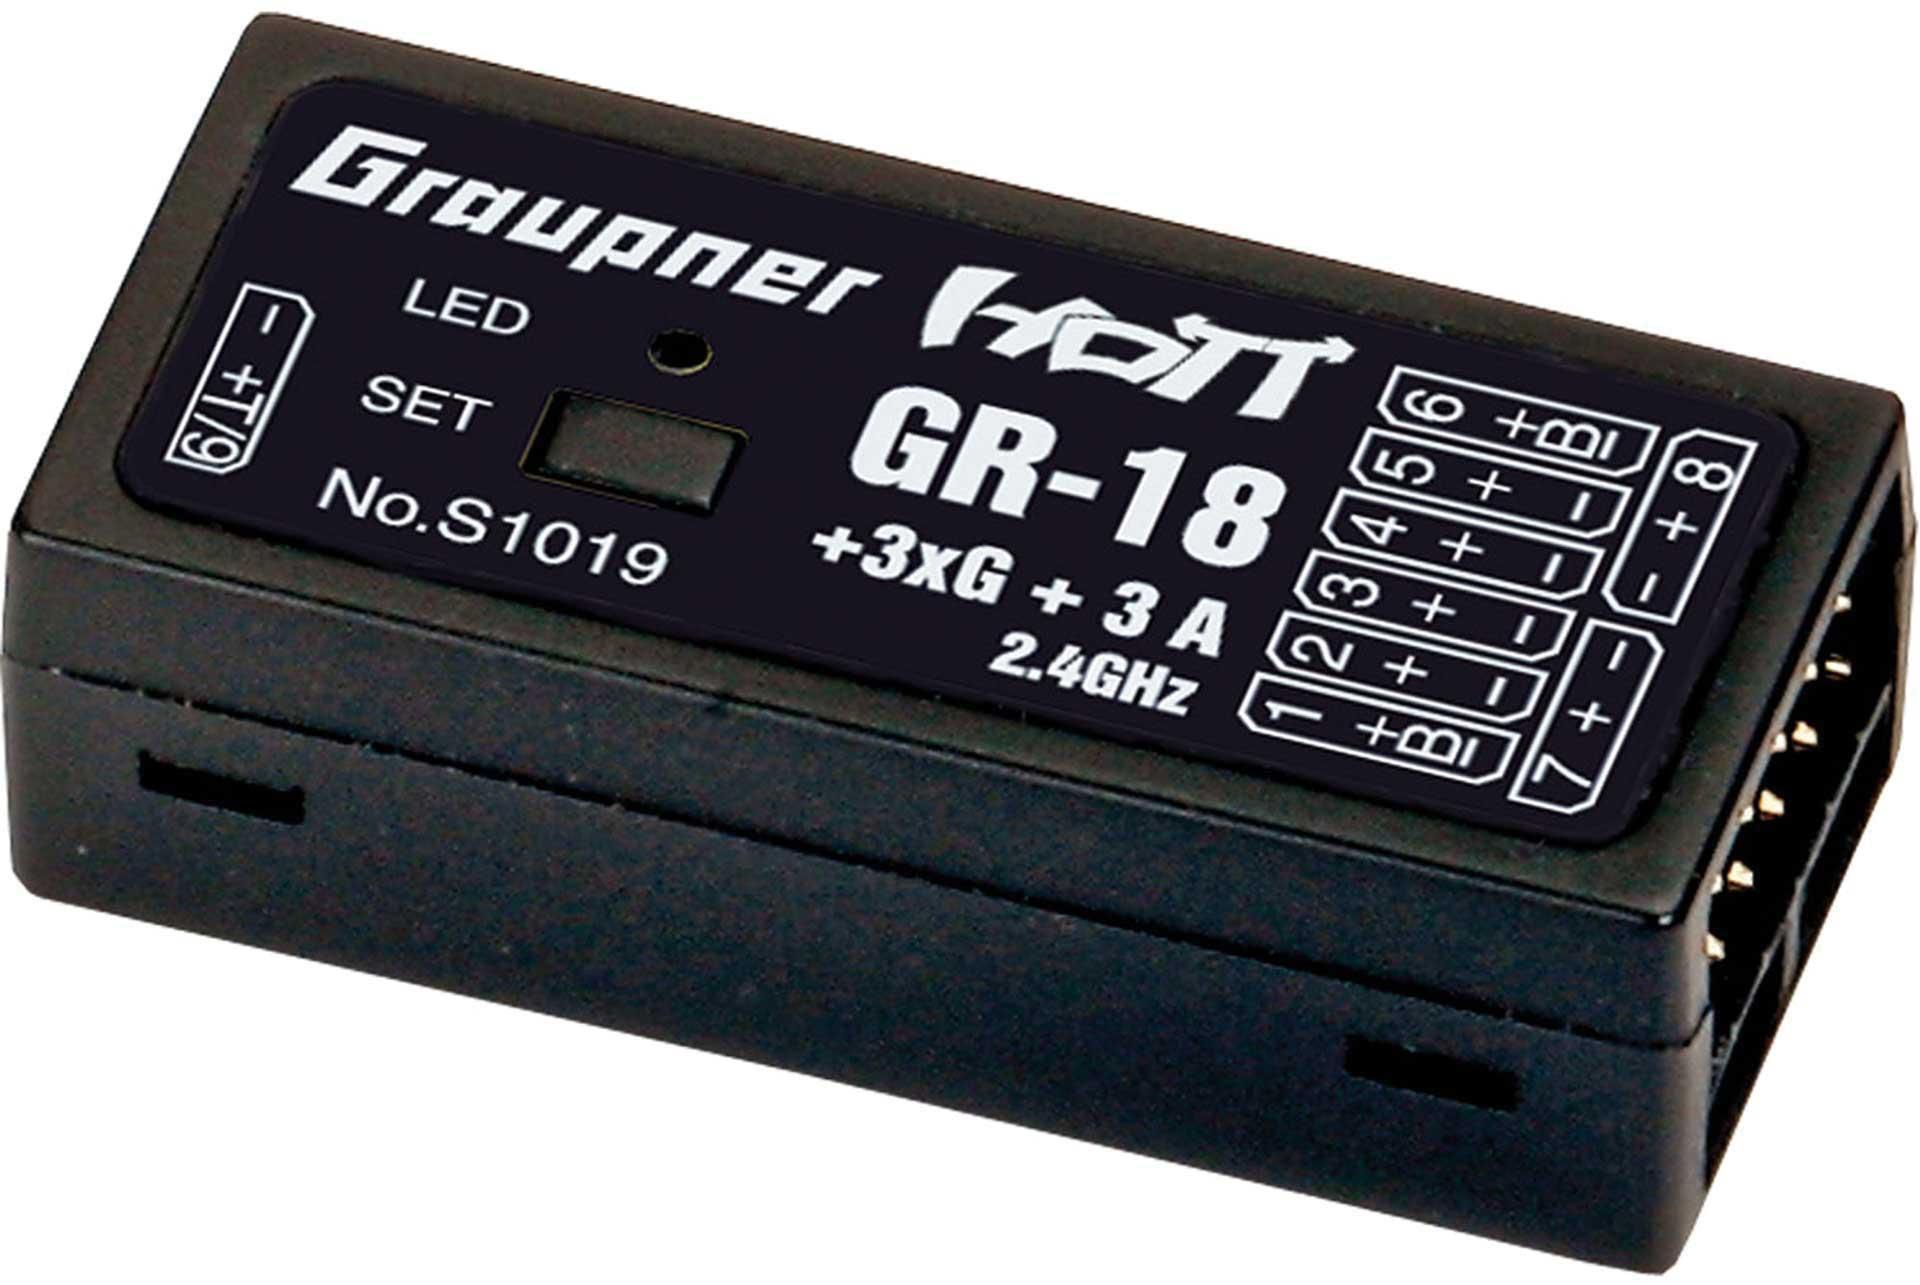 """GRAUPNER GR-18 """"AIR"""" + 3XG + 3A integrated flight controller 9 Kanal HoTT Empfänger für Flugmodelle und Helicopter"""